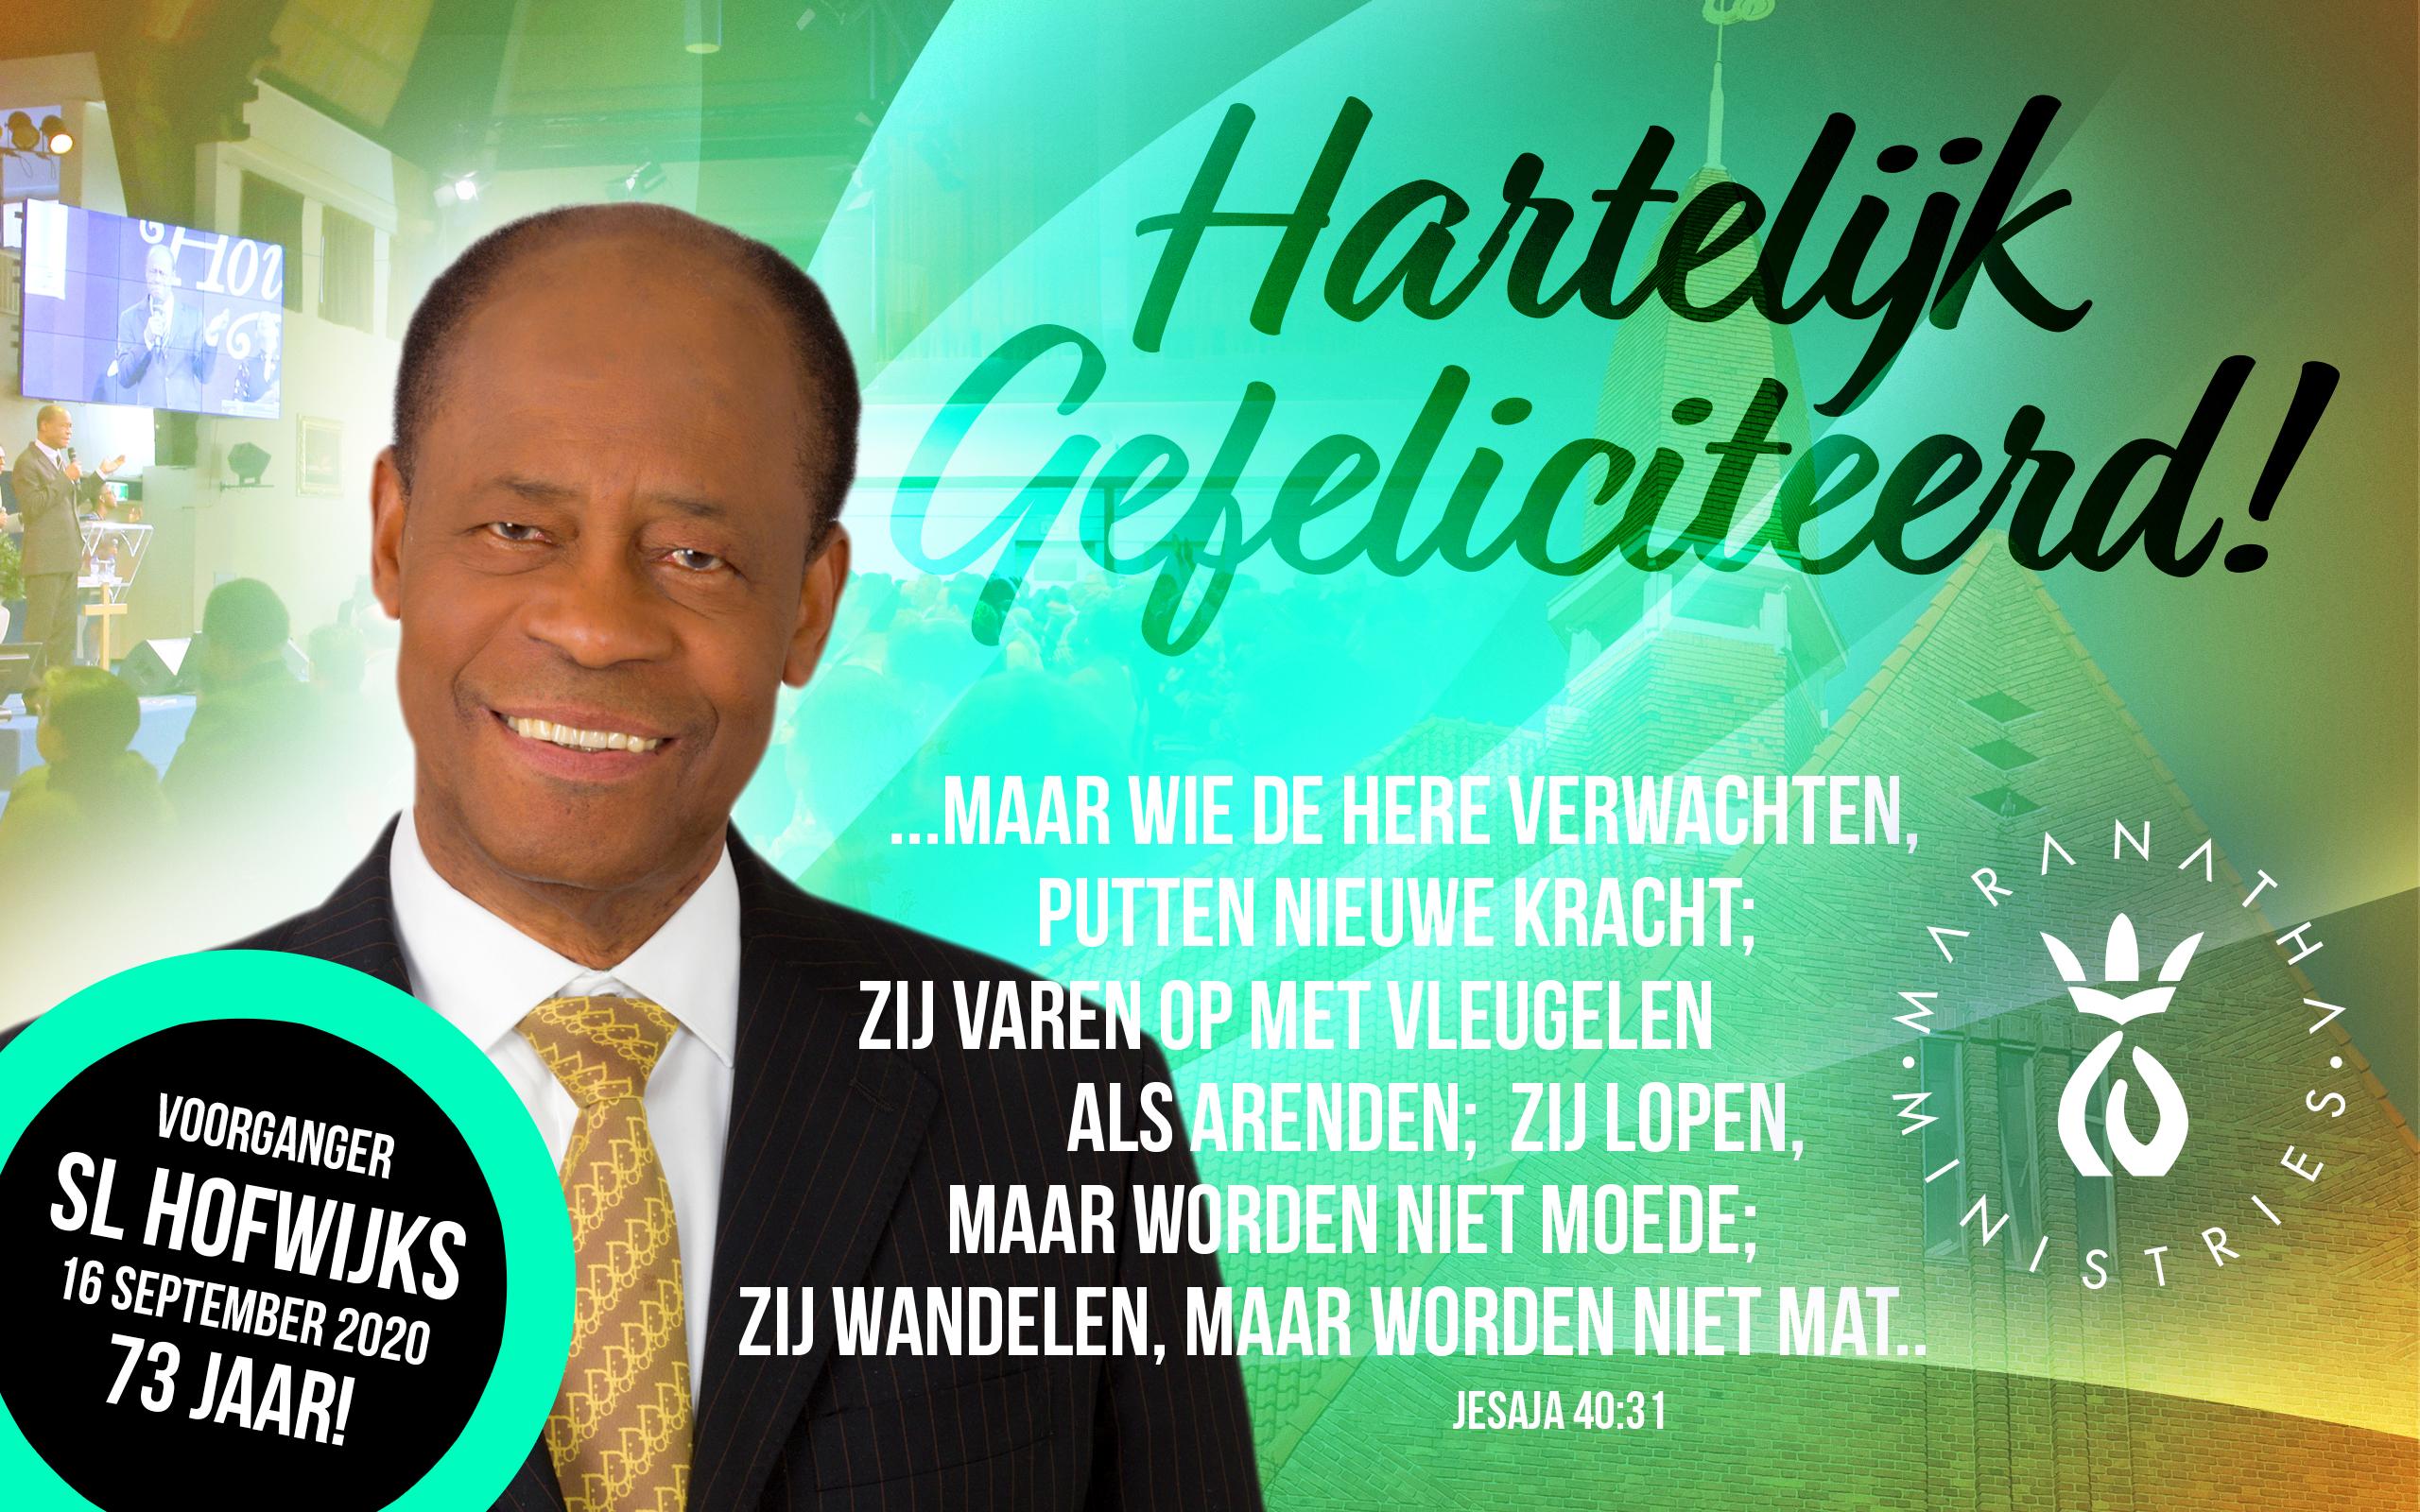 Verjaardag pastor S.L. Hofwijks